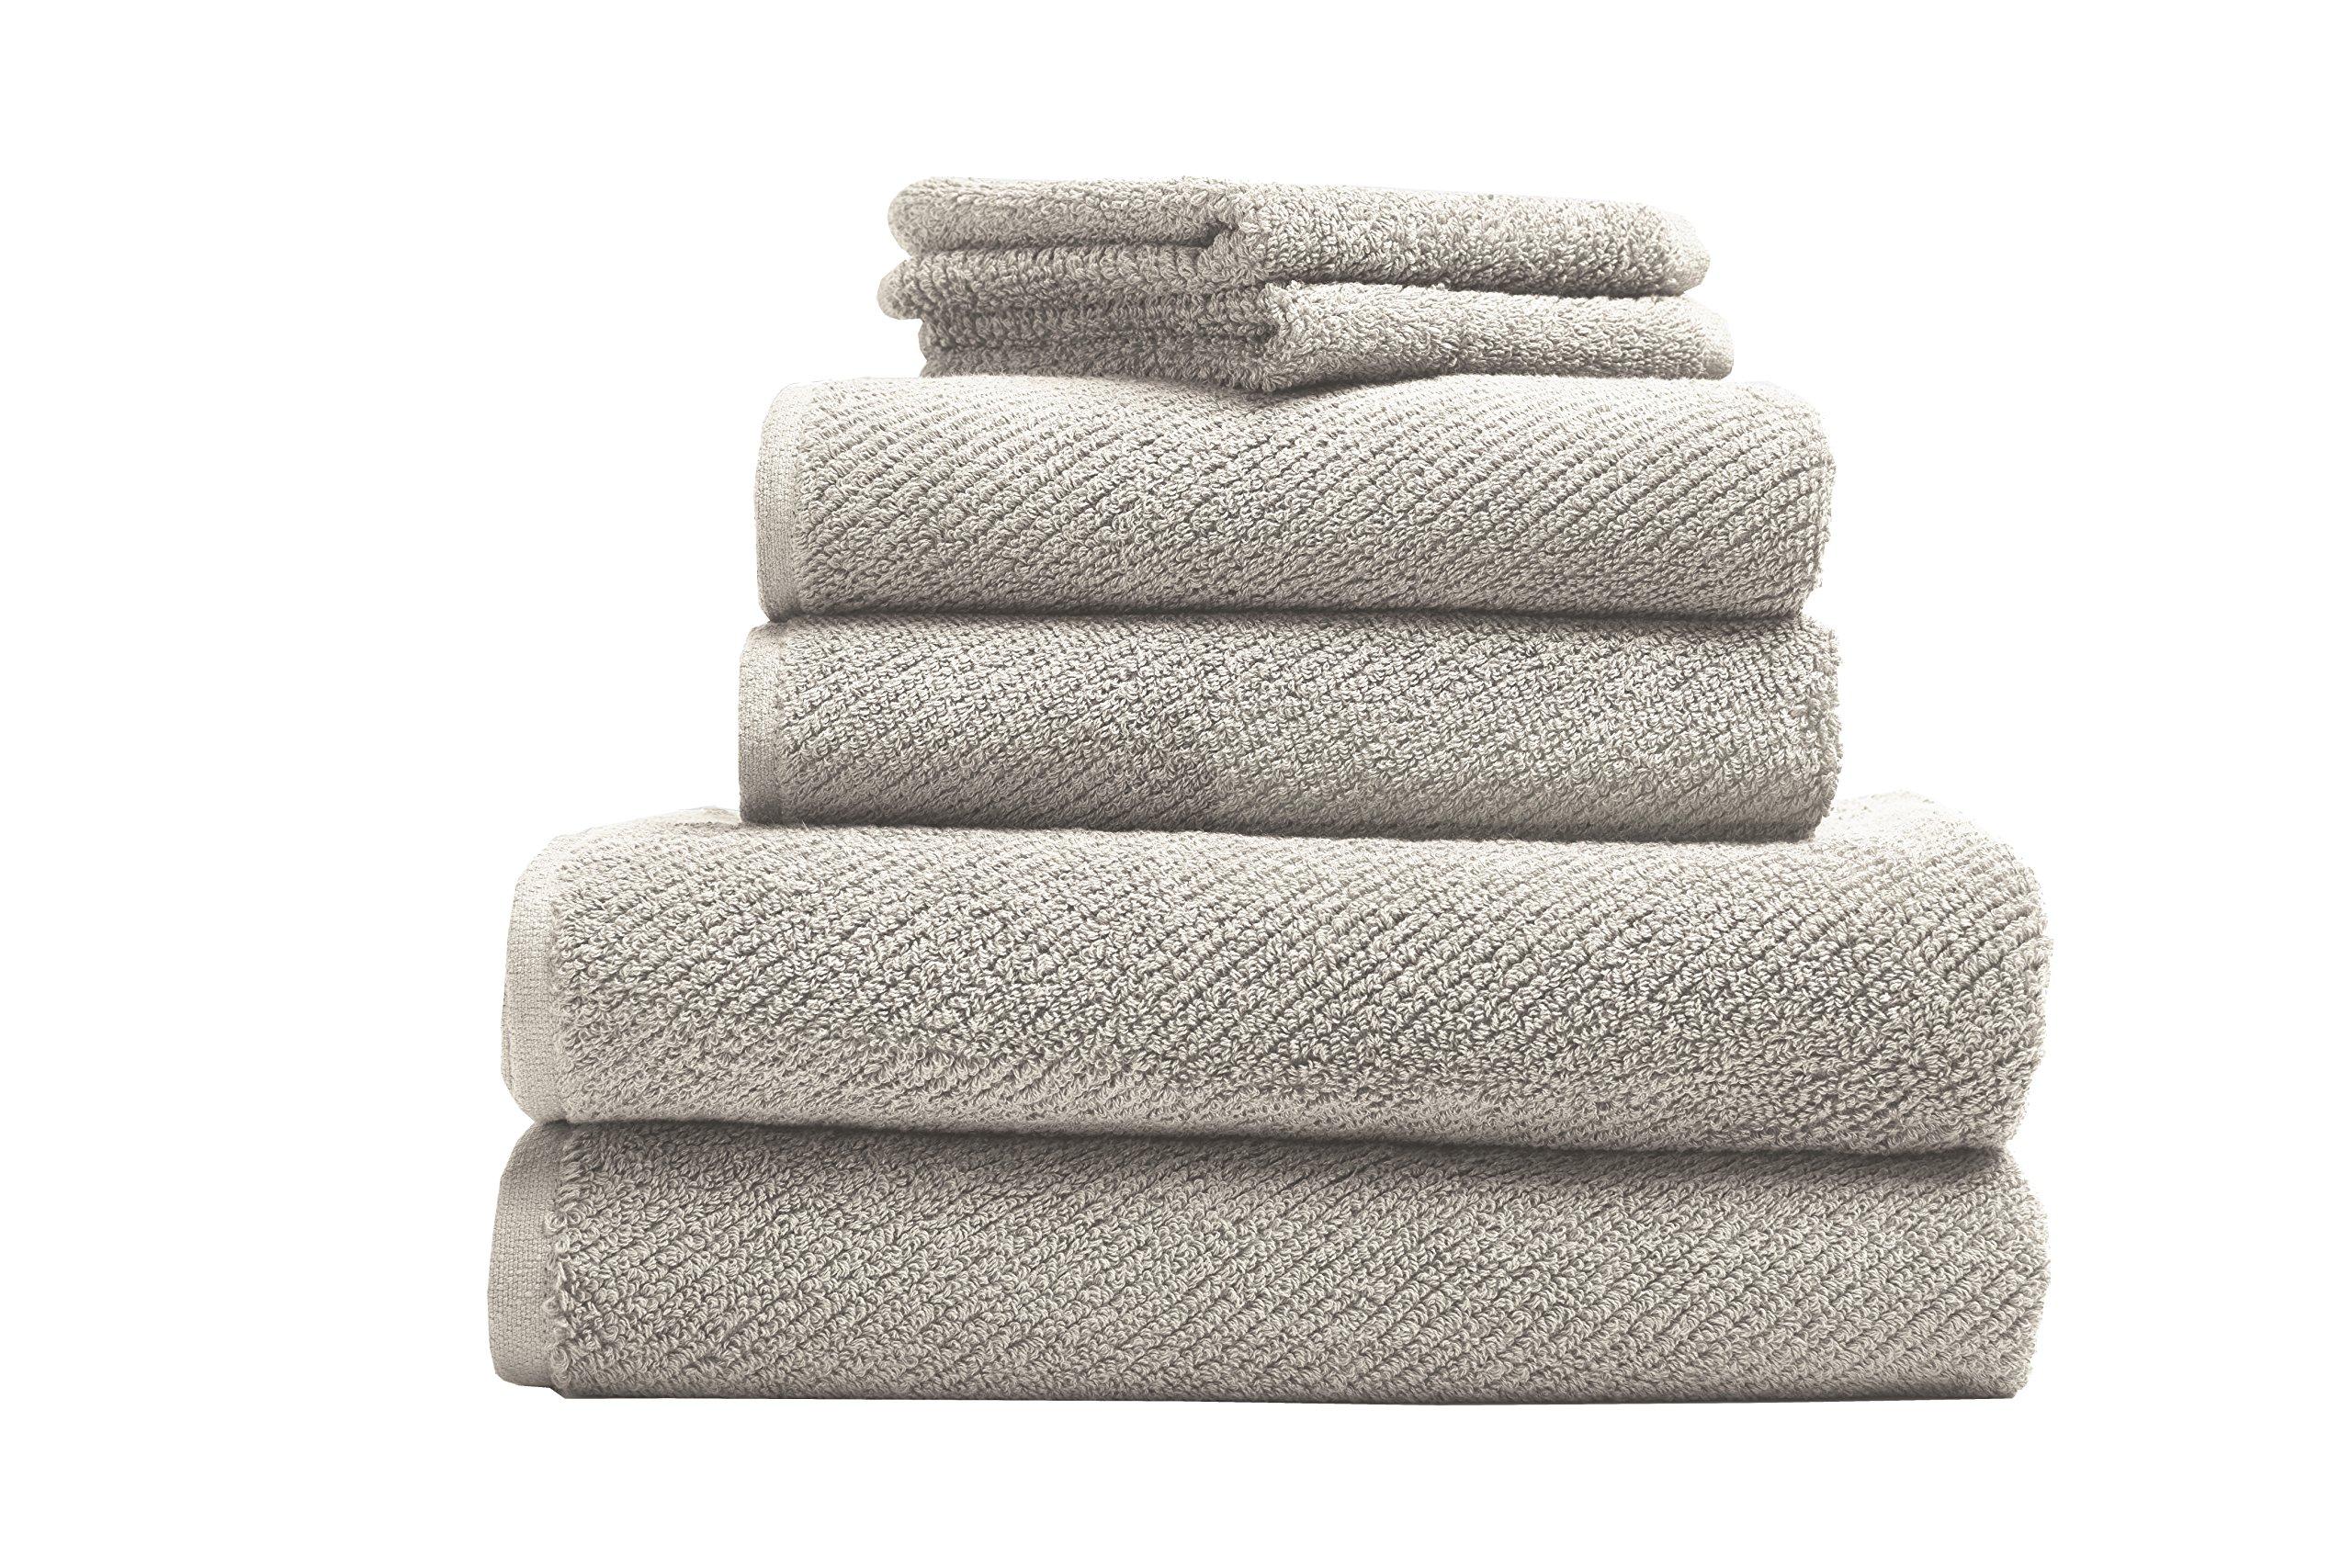 Coyuchi Air Weight Organic 6pc Towel Set, BT, HT, WC, Undyed